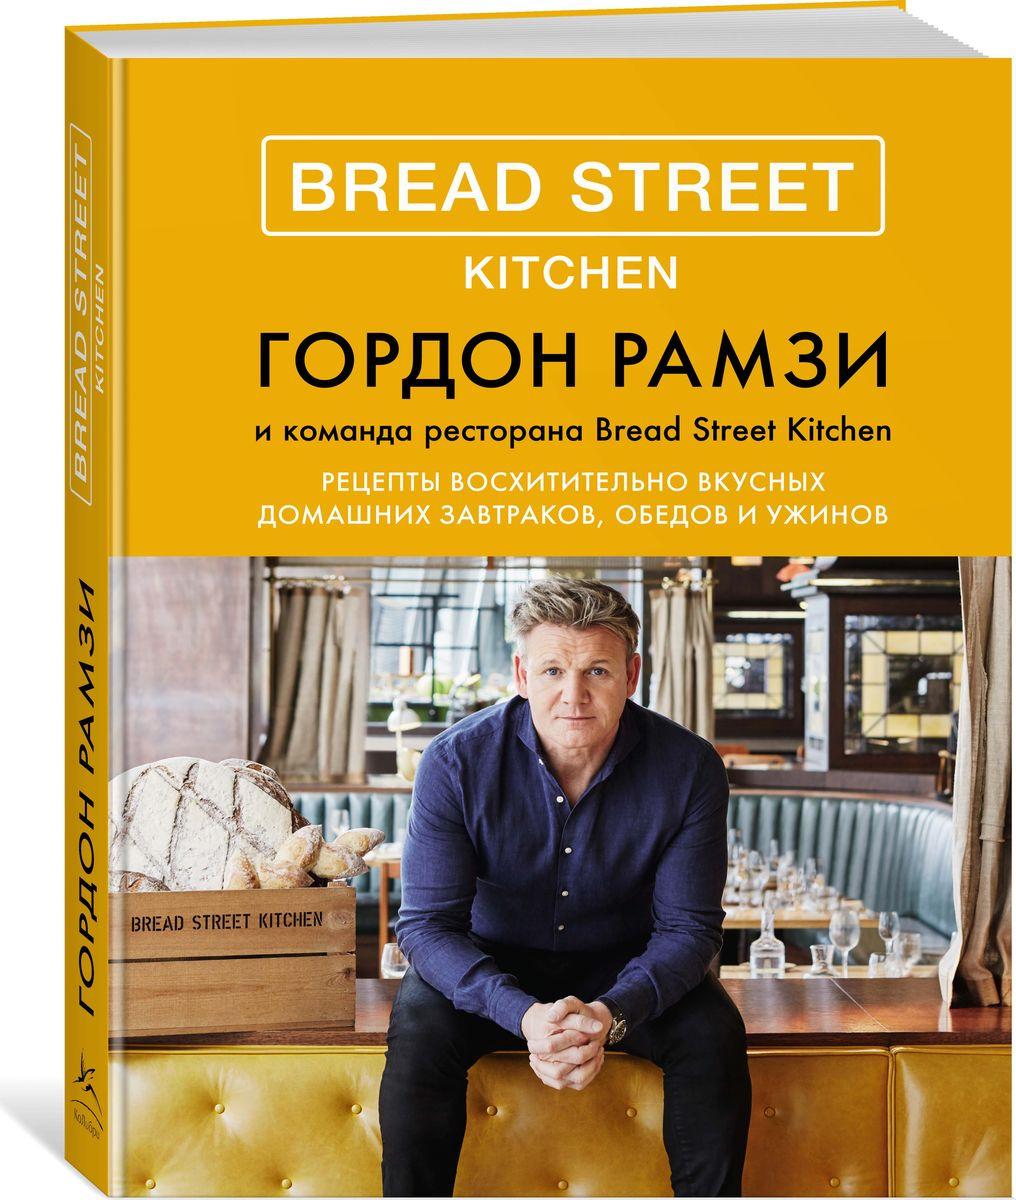 Гордон Рамзи Bread Street Kitchen. Рецепты восхитительно вкусных домашних завтраков, обедов и ужинов